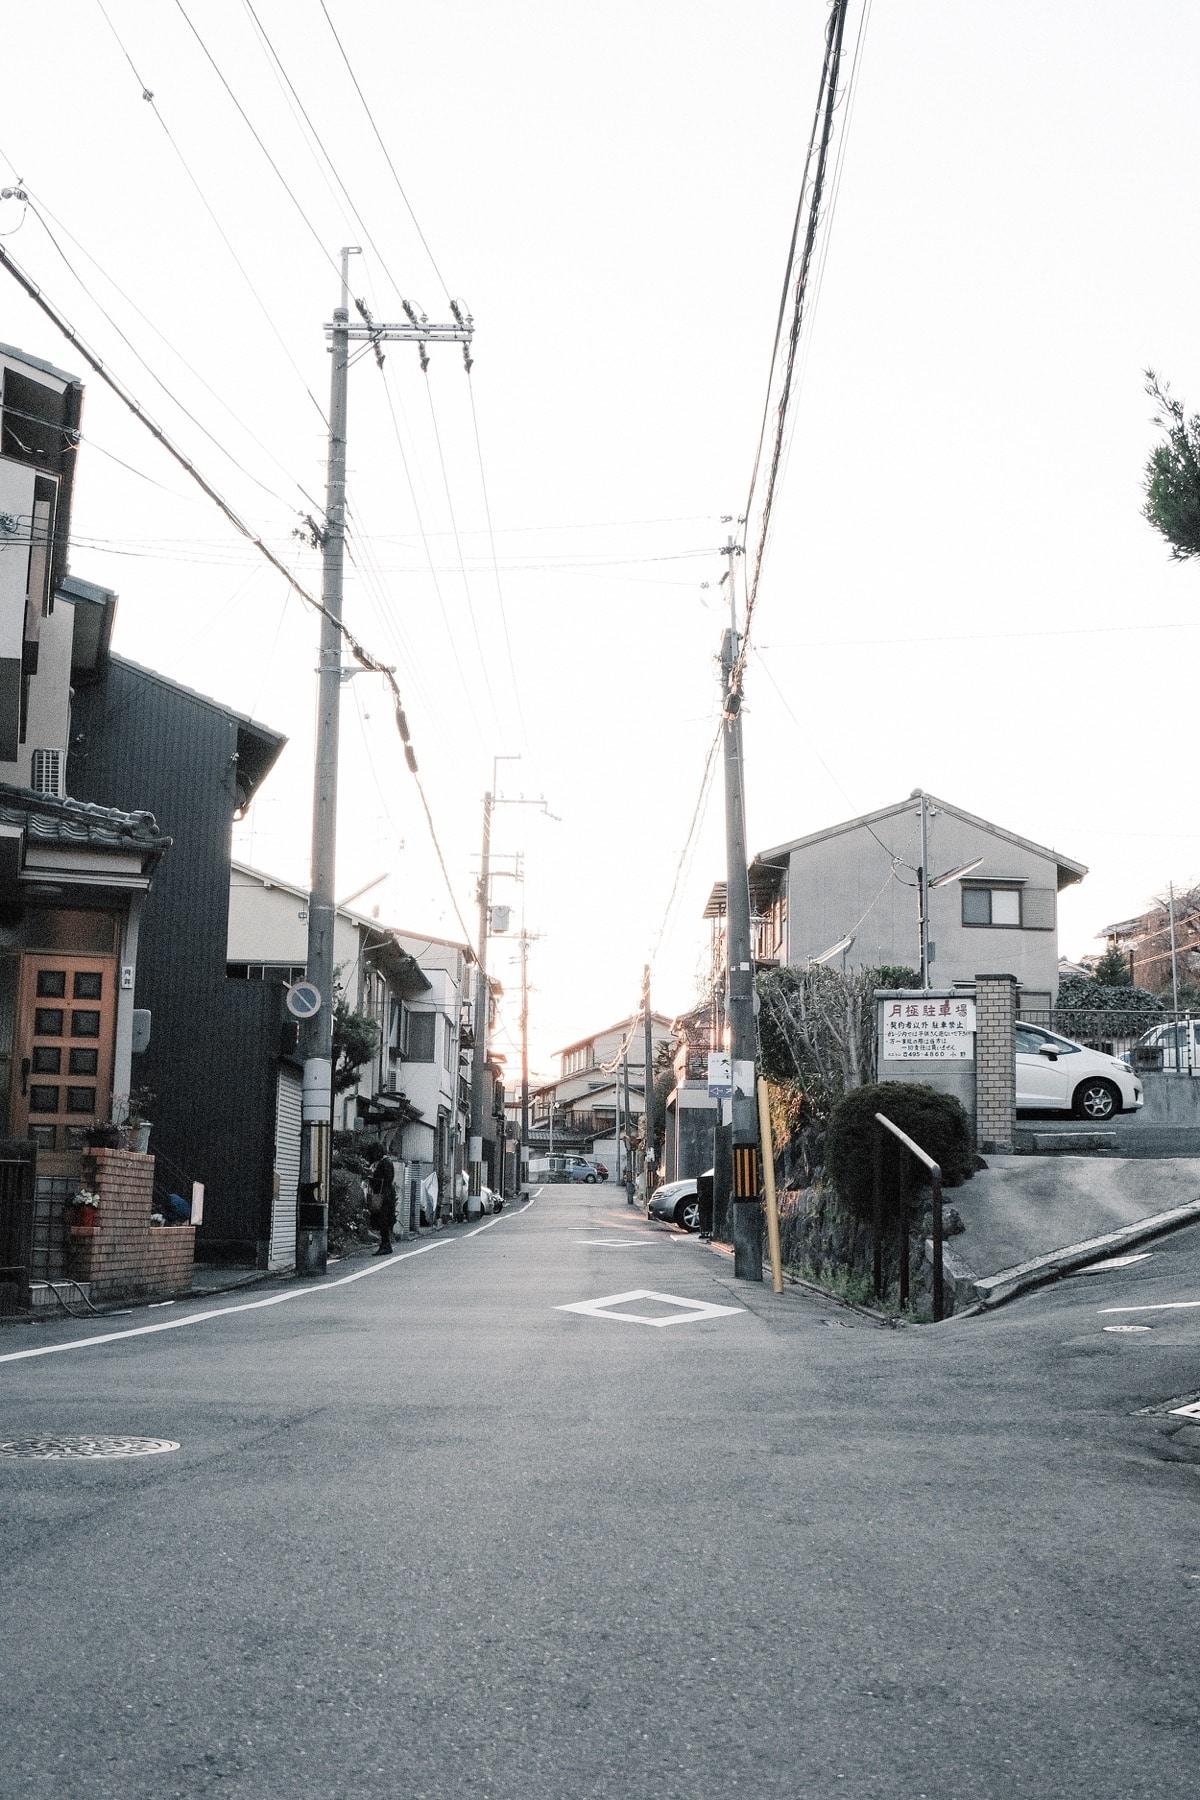 Kinlake-Kyoto-Lifestyle-2018-7014